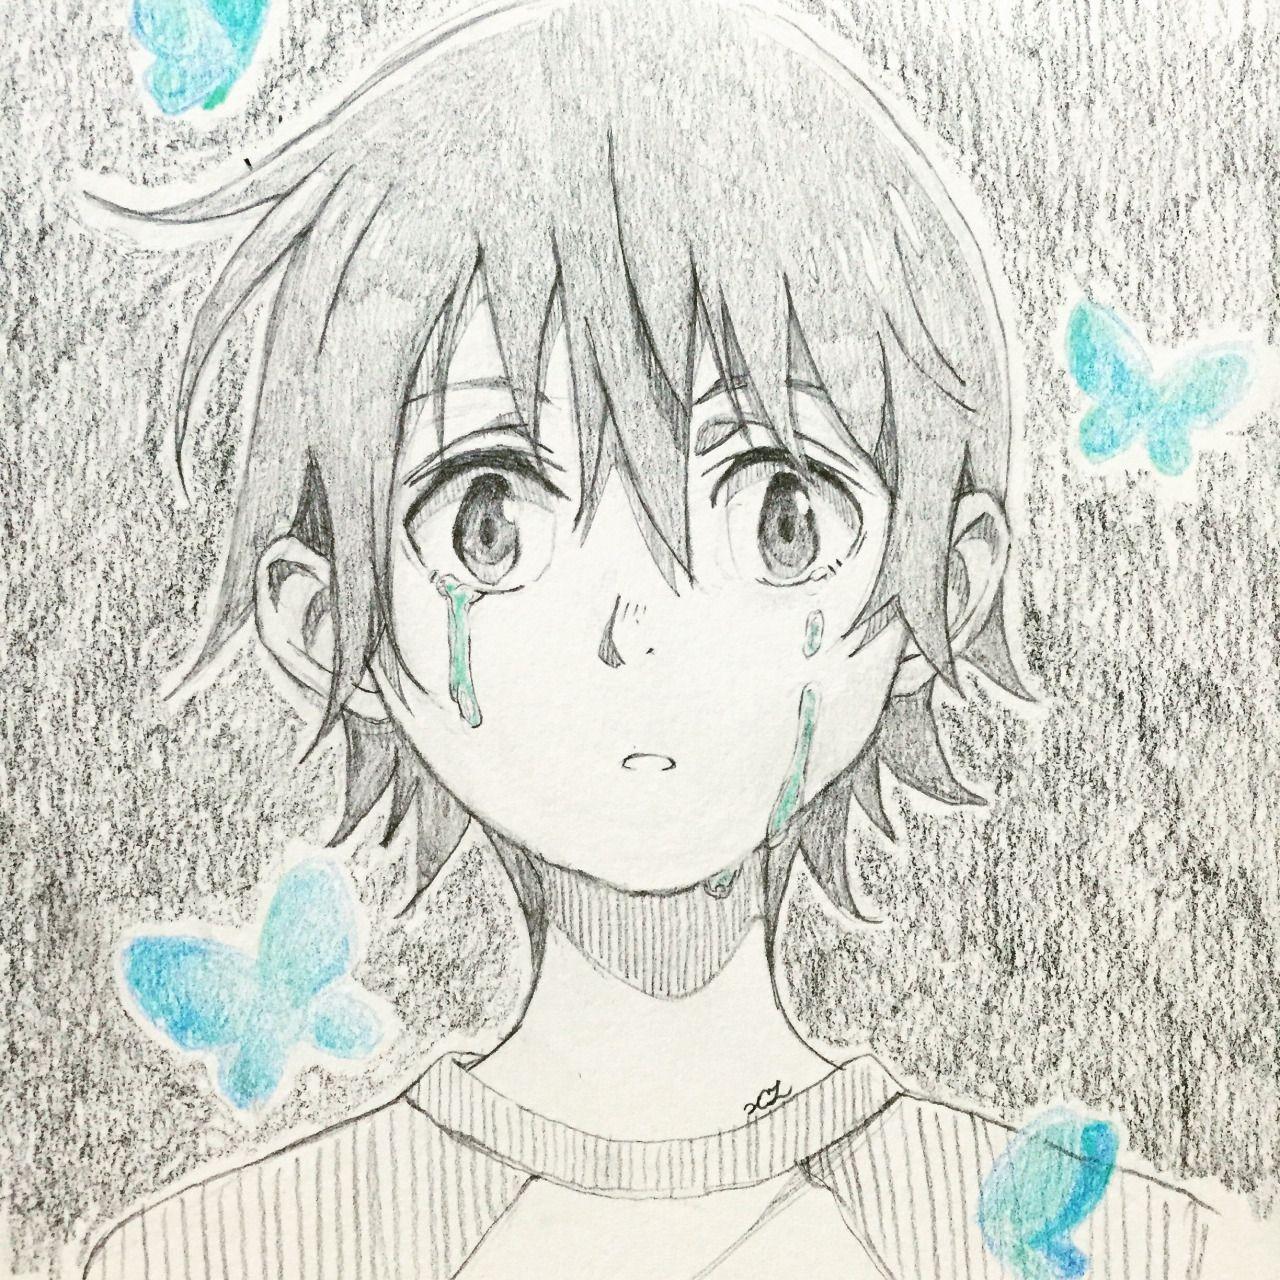 Boku Dake Ga Inai Machi Erased Satoru Fujinuma Anime Manga Anime Anime Sketch